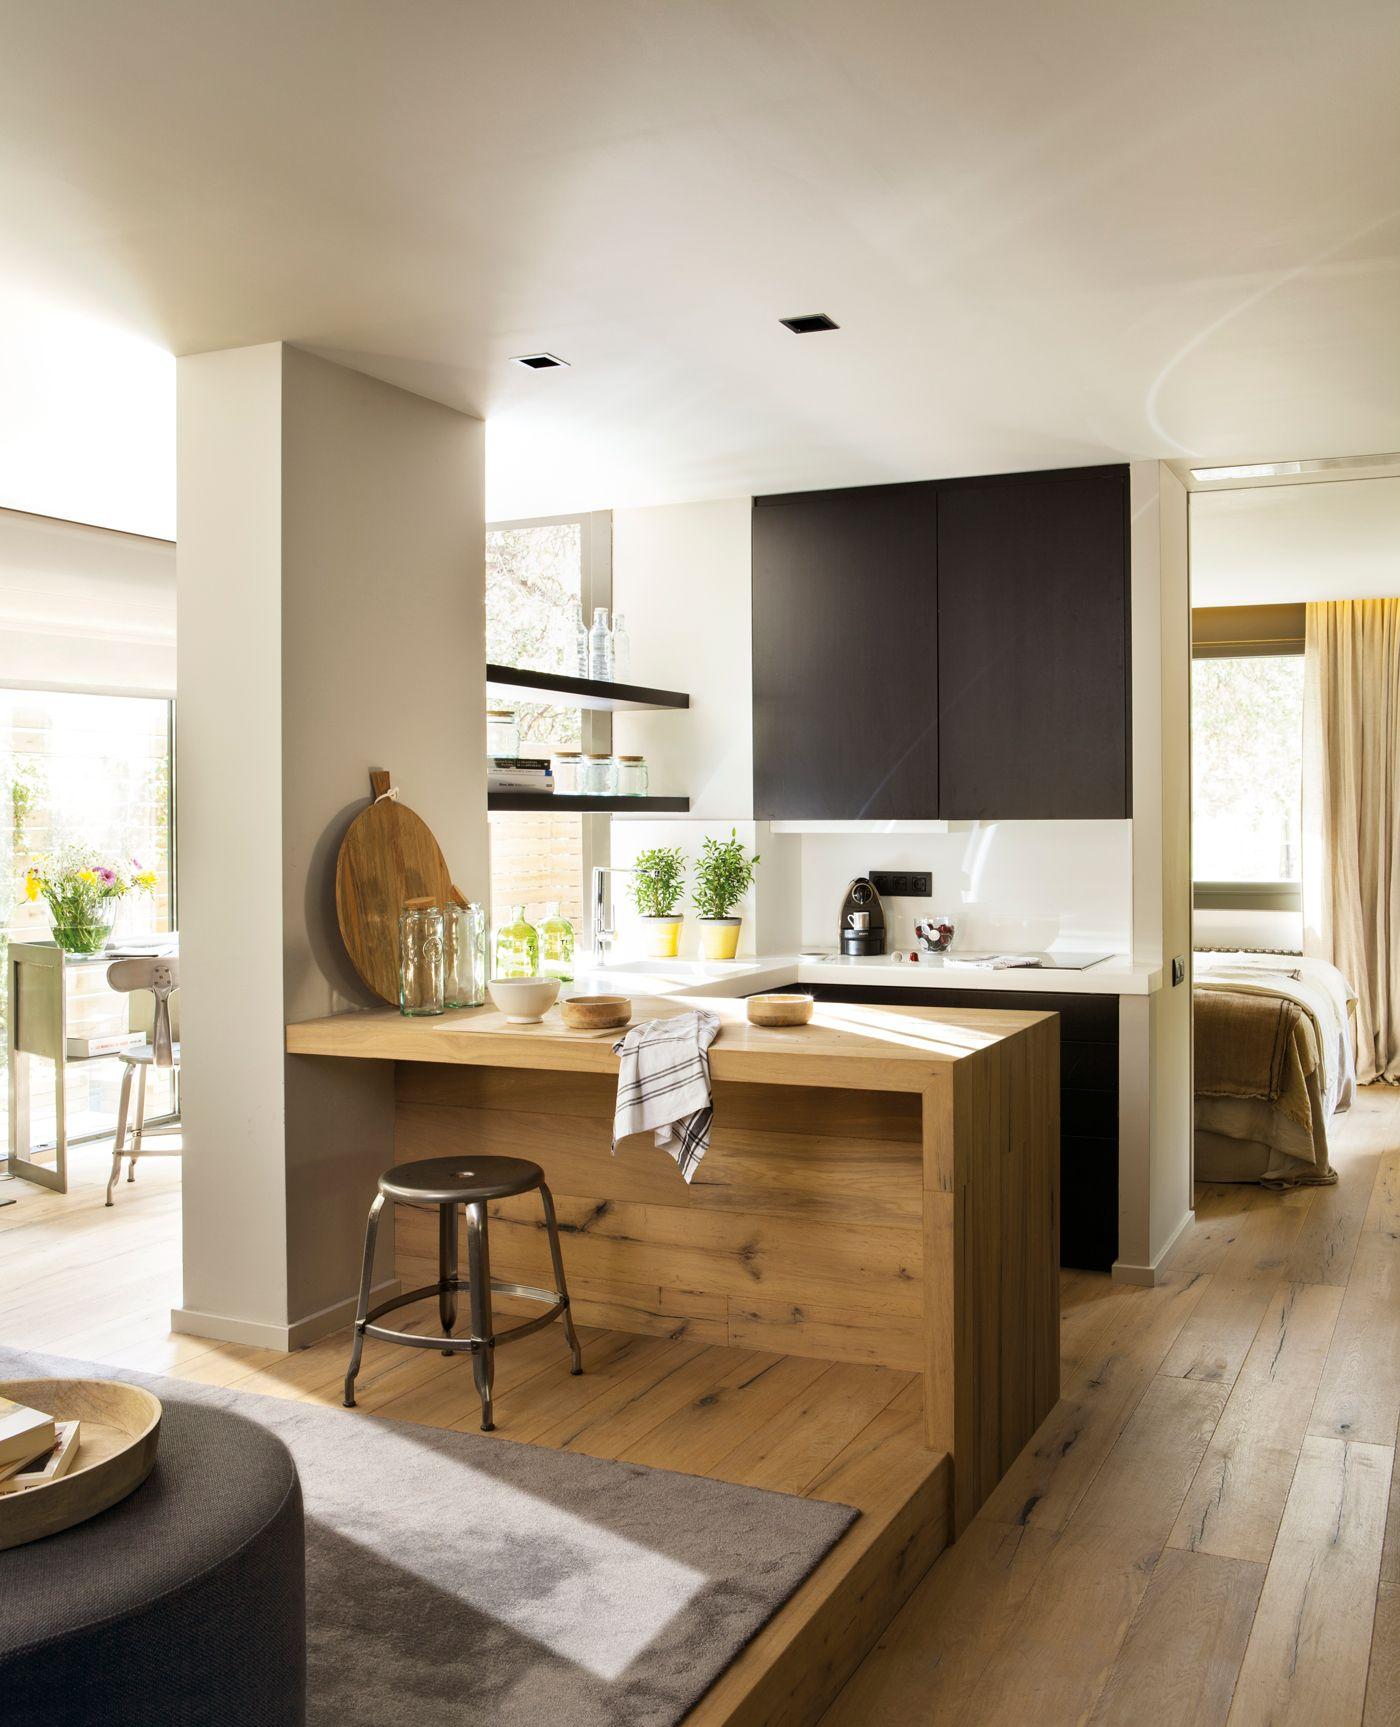 Muebles versátiles con doble función ideales para espacios pequeños ...